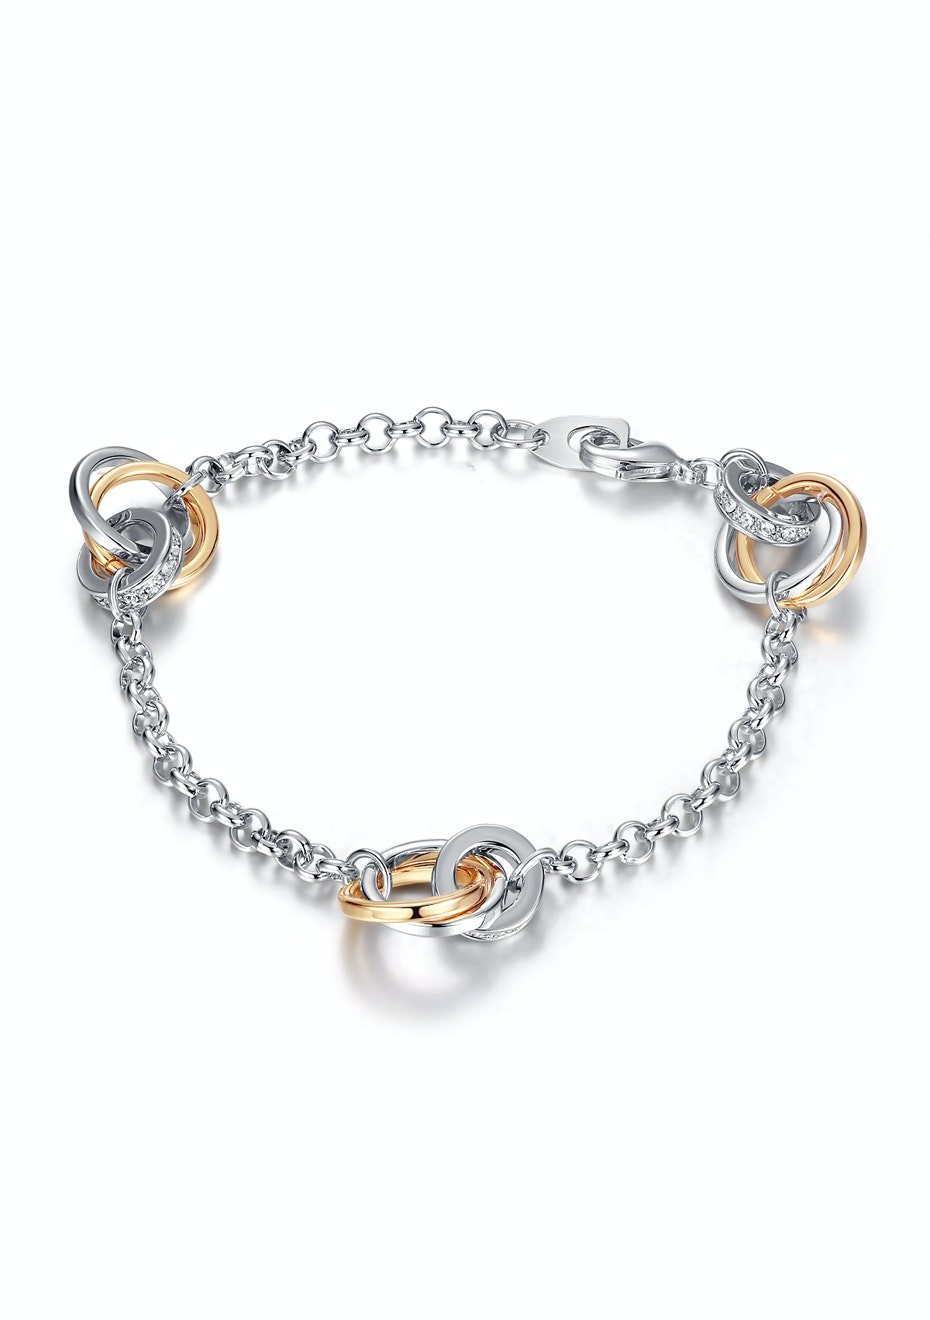 Bracelet Ft Swarovski Elements